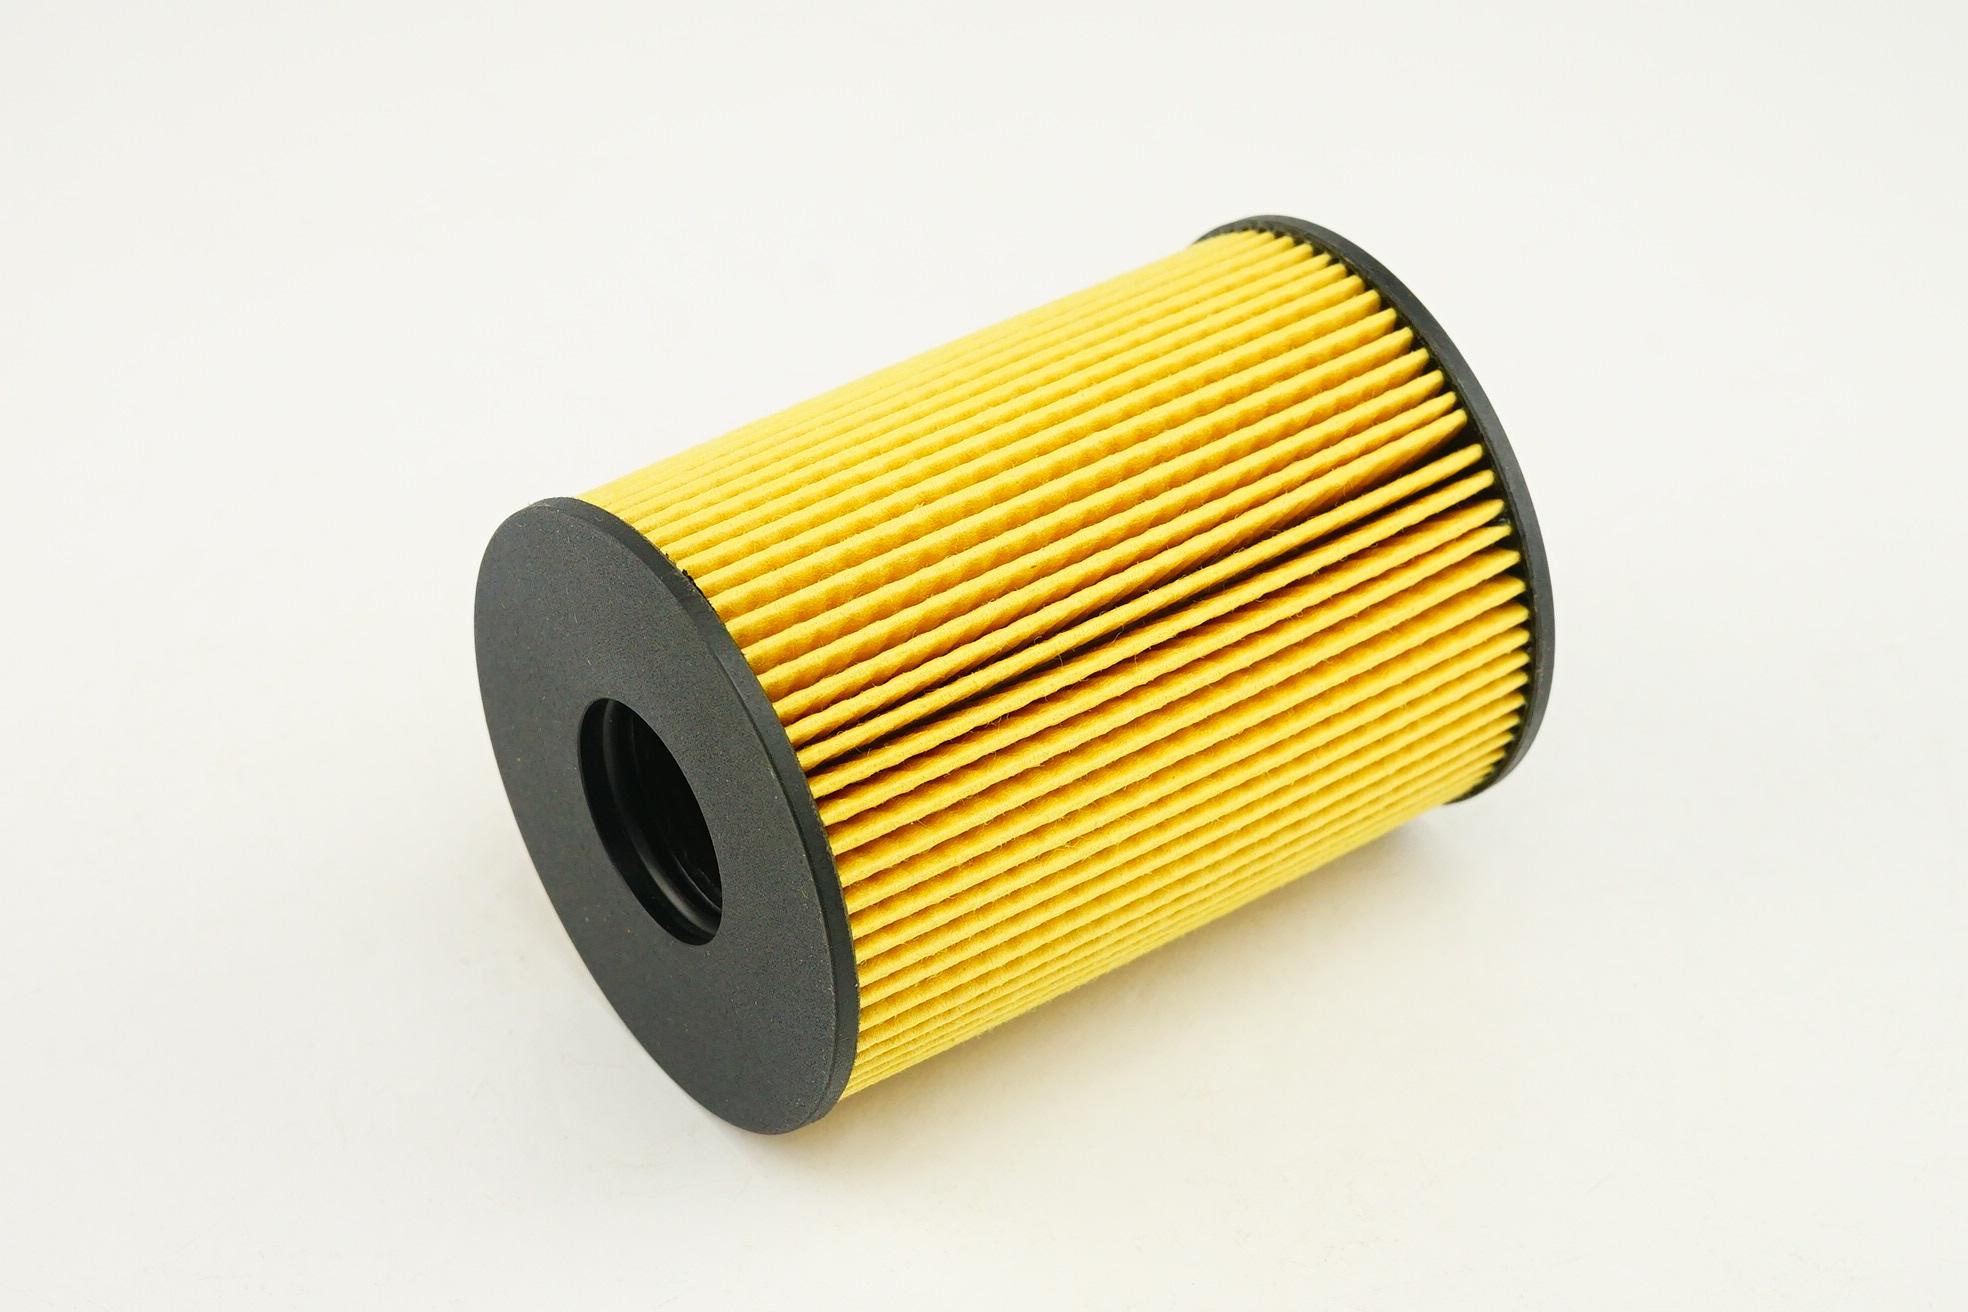 Elegir un buen filtro de aceite es esencial para tu coche (Istock)